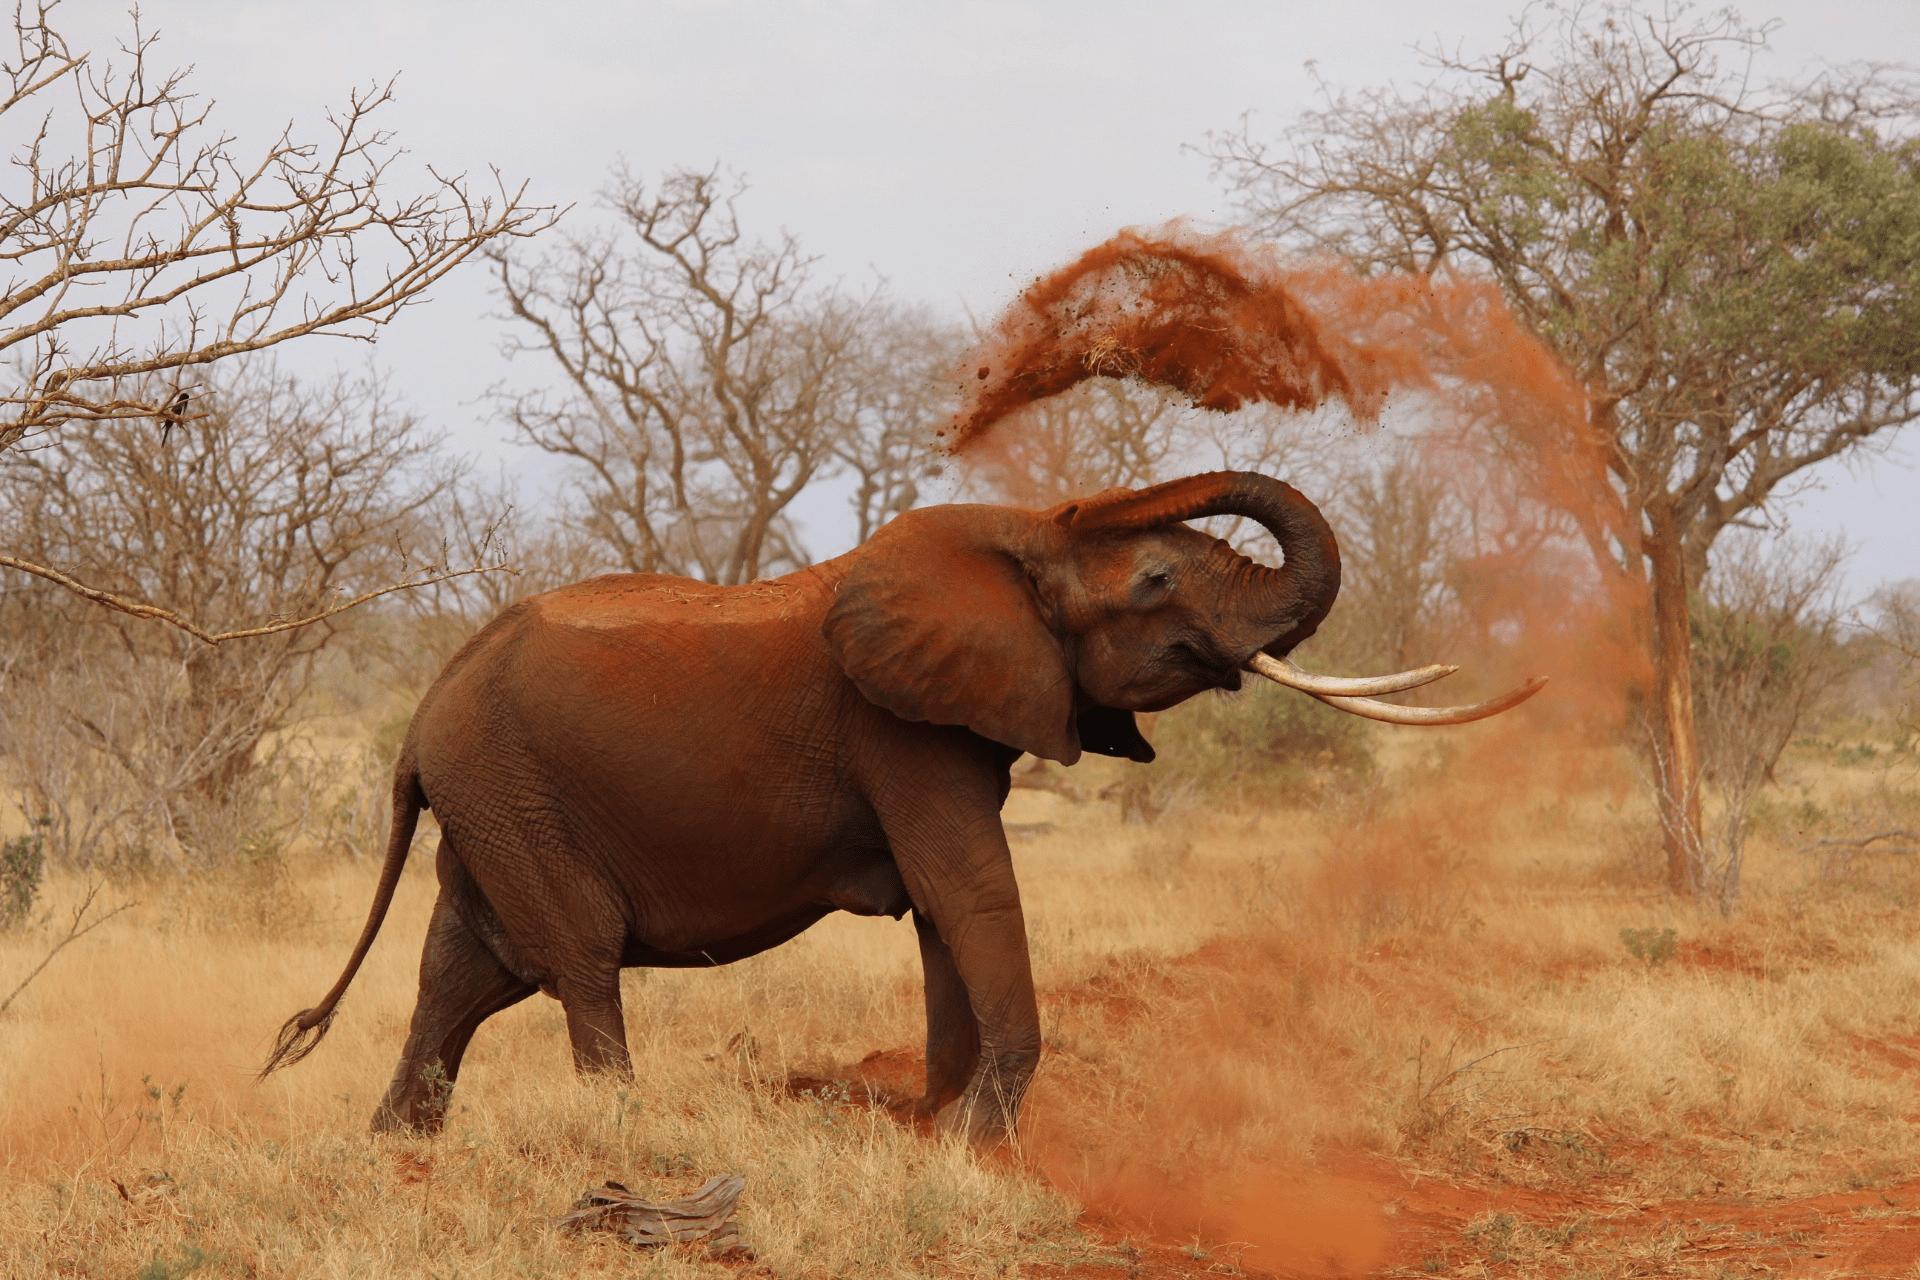 how tall is an elephant?